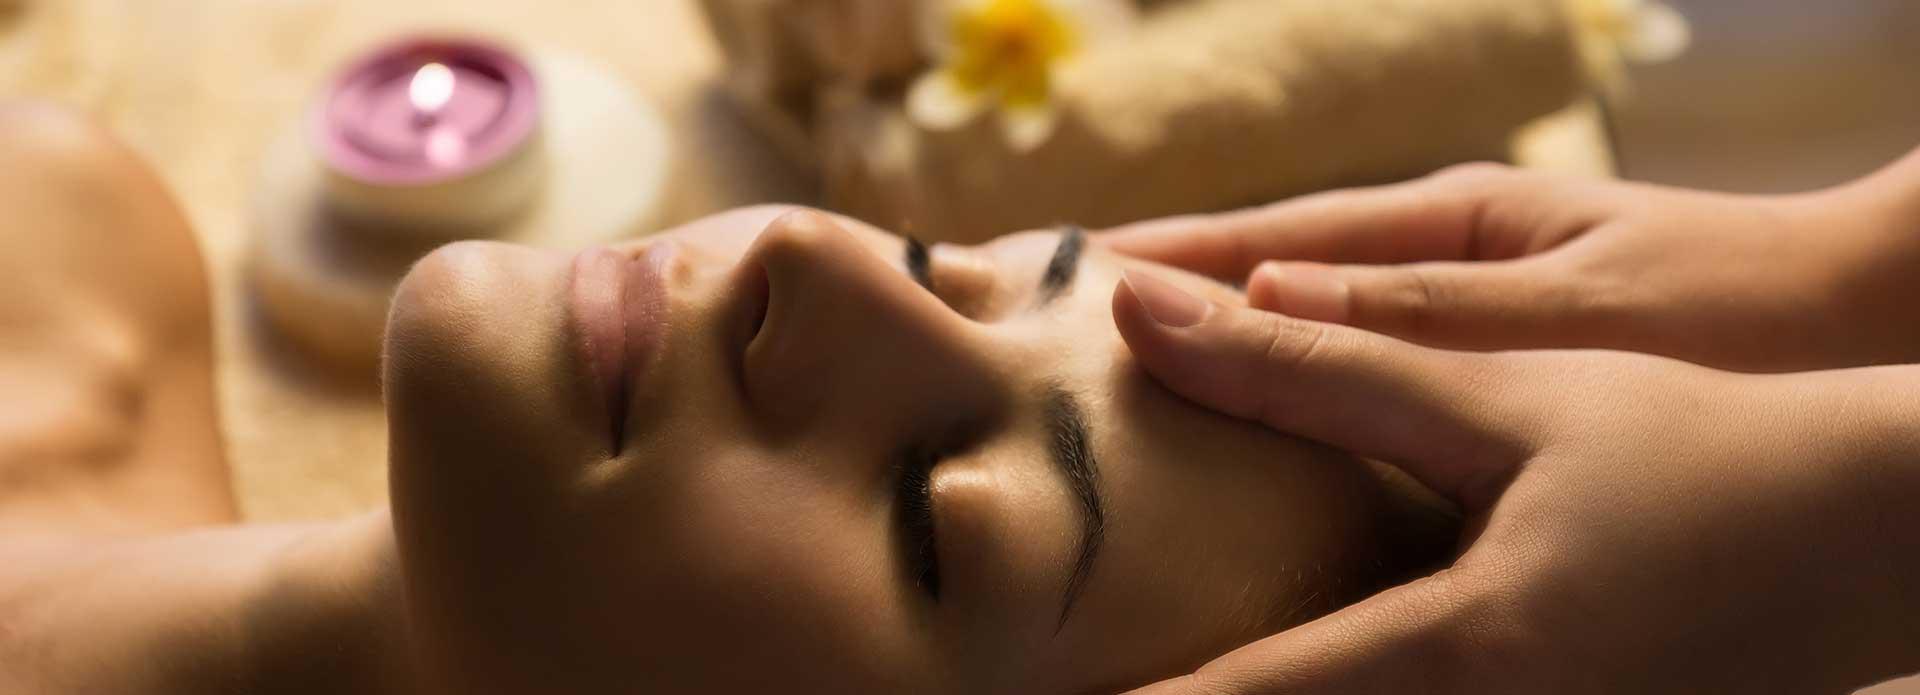 Frisco Spa Facial Services